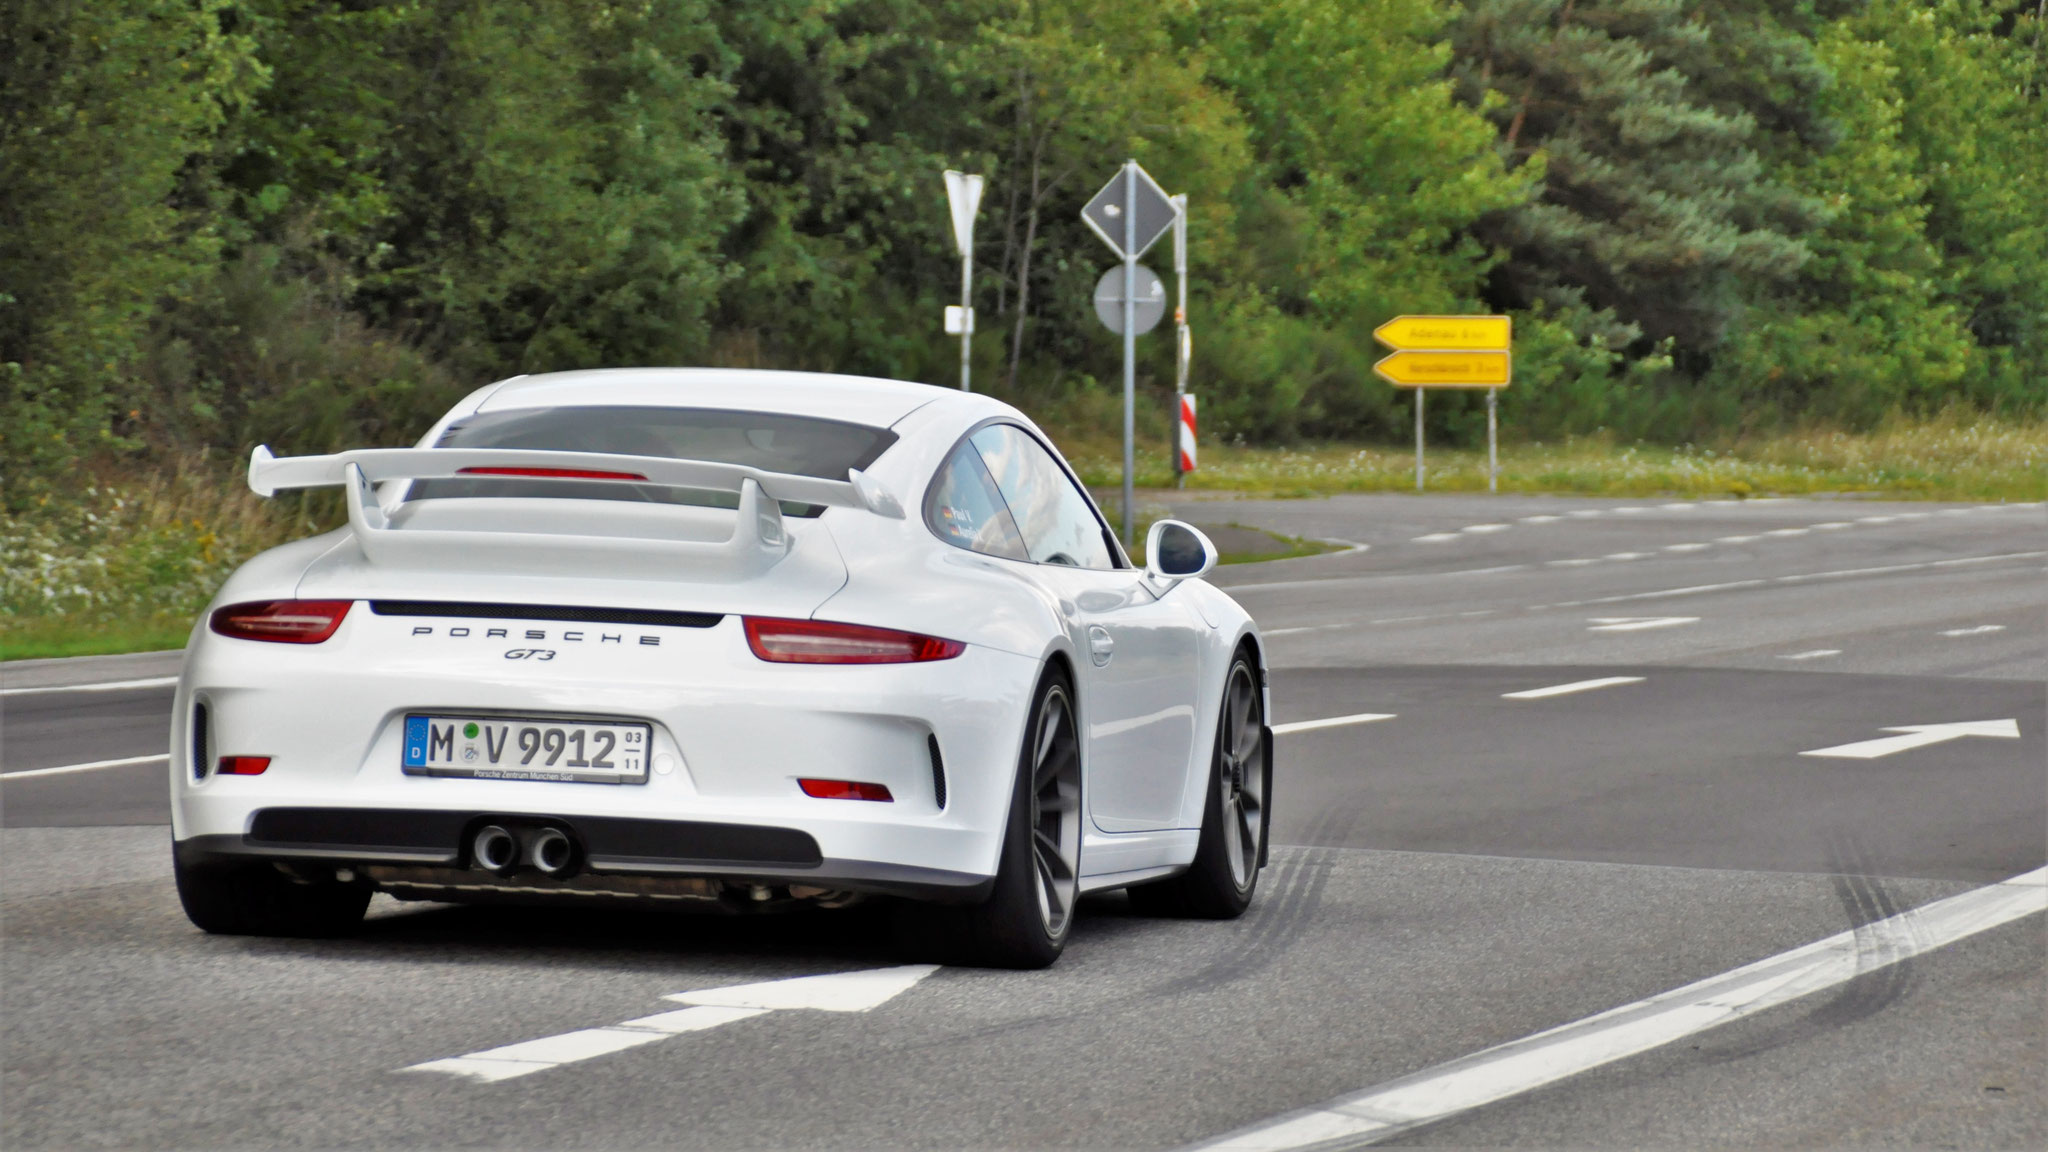 Porsche 991 GT3 - M-V-9912